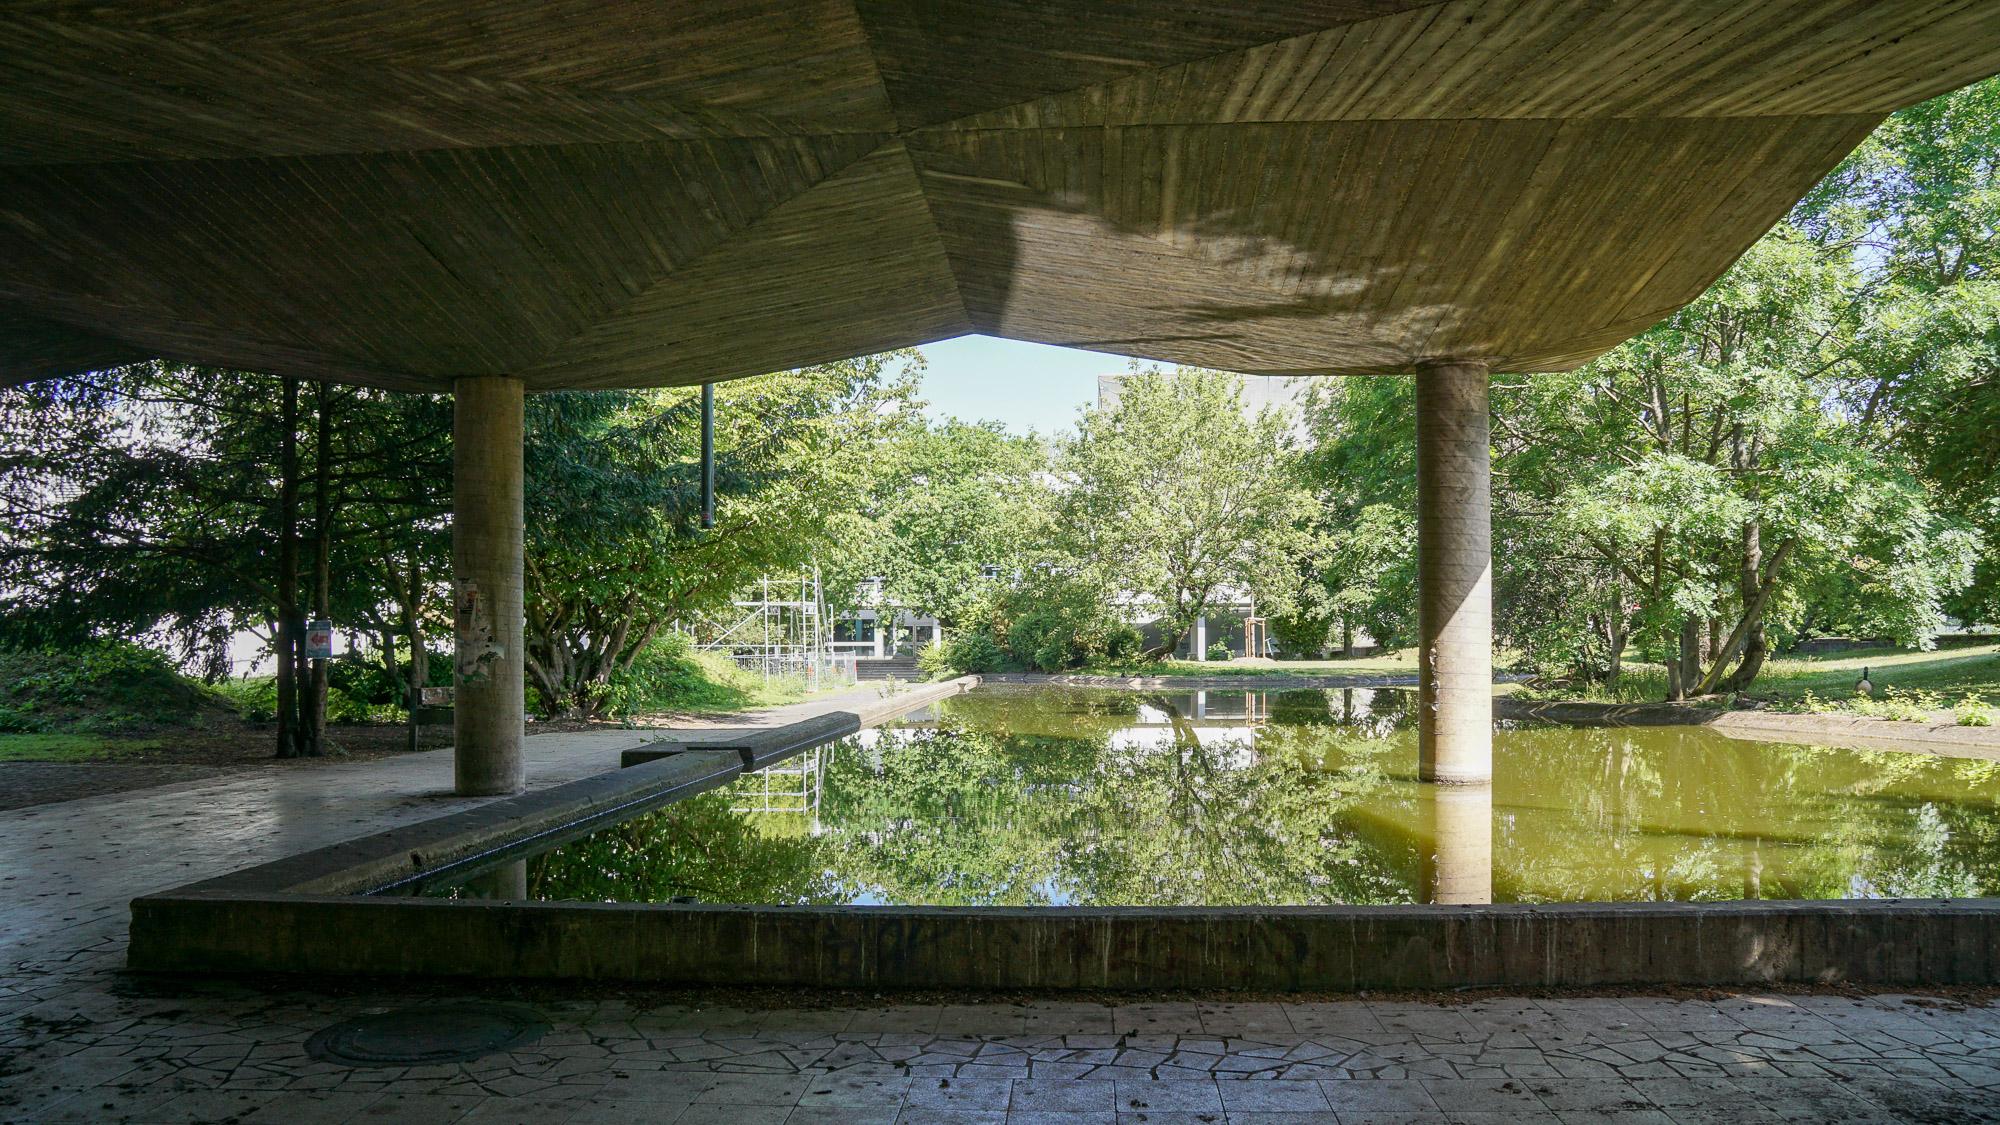 Ein Wasserbecken und Bäume. Zwei Säulen tragen ein Betondach, das bis über das Wasserbecken reicht.